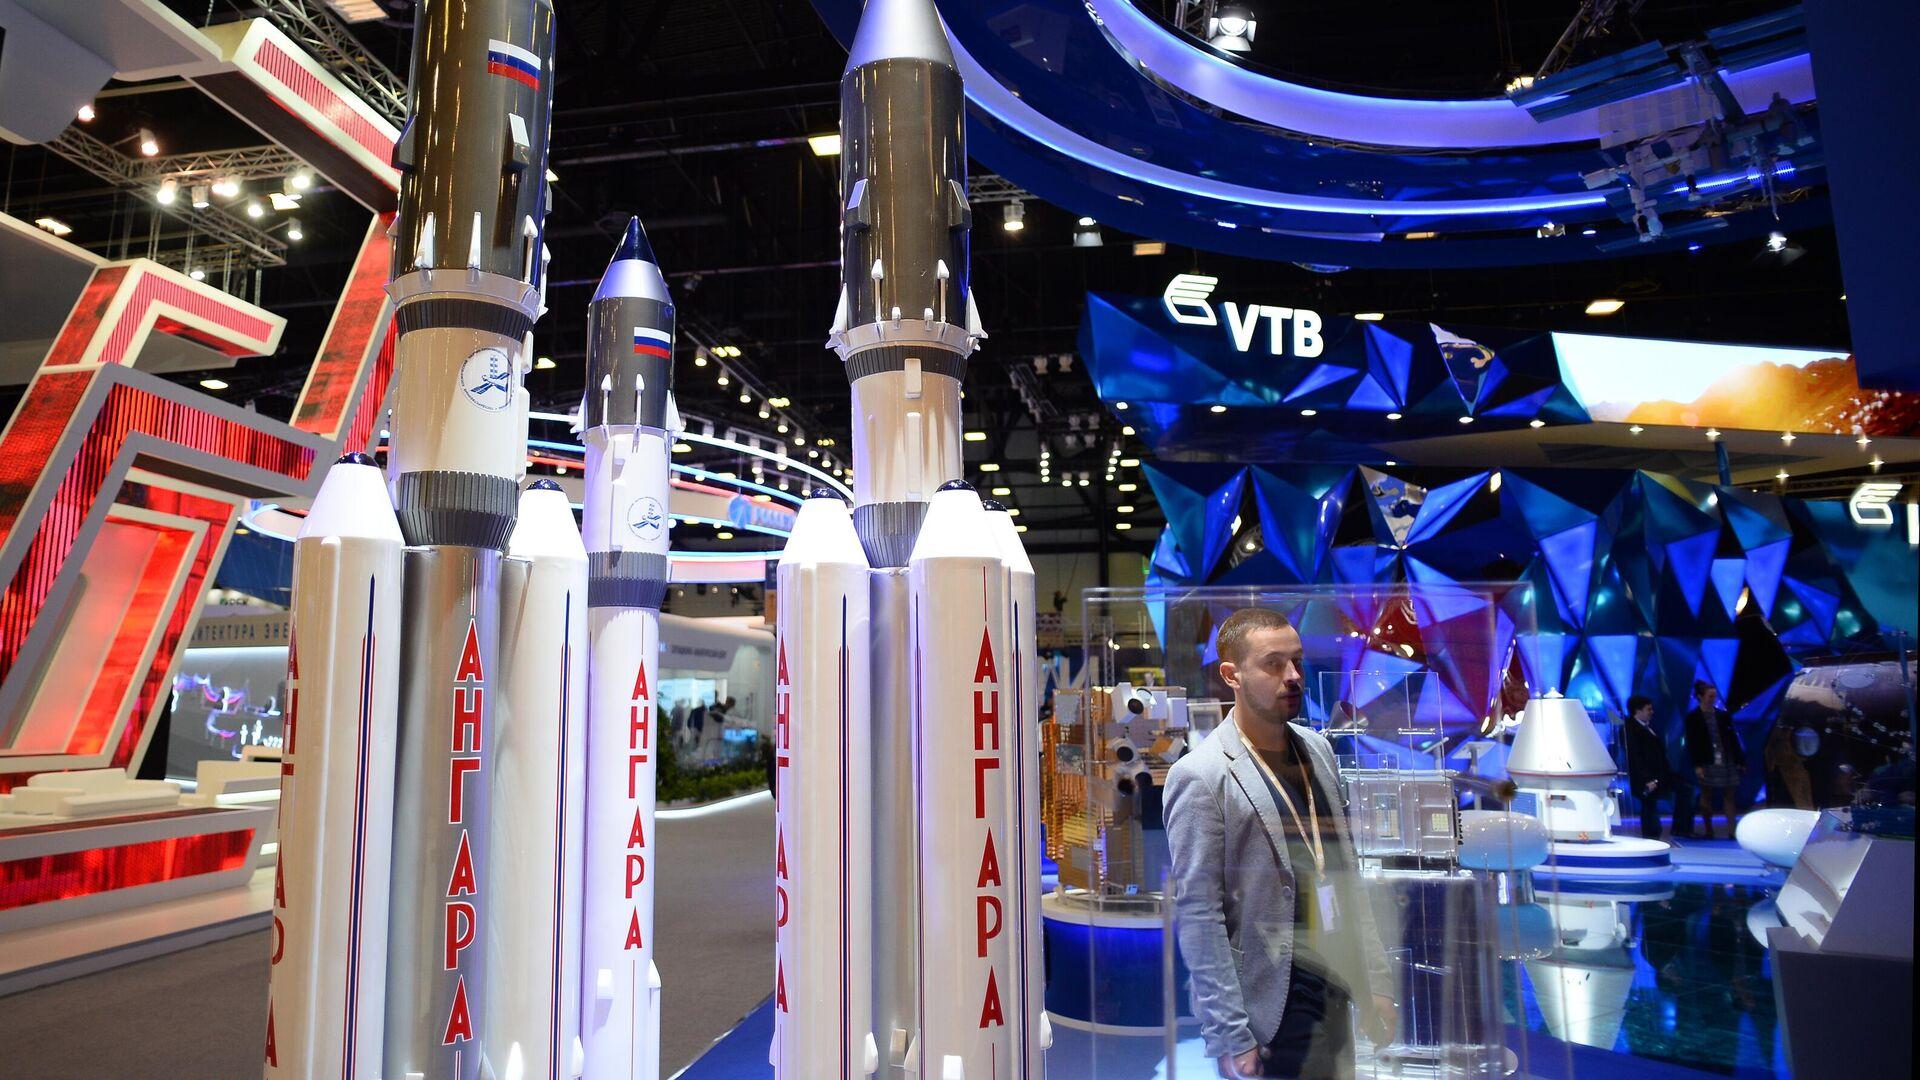 Макеты ракет Ангара - РИА Новости, 1920, 18.02.2021